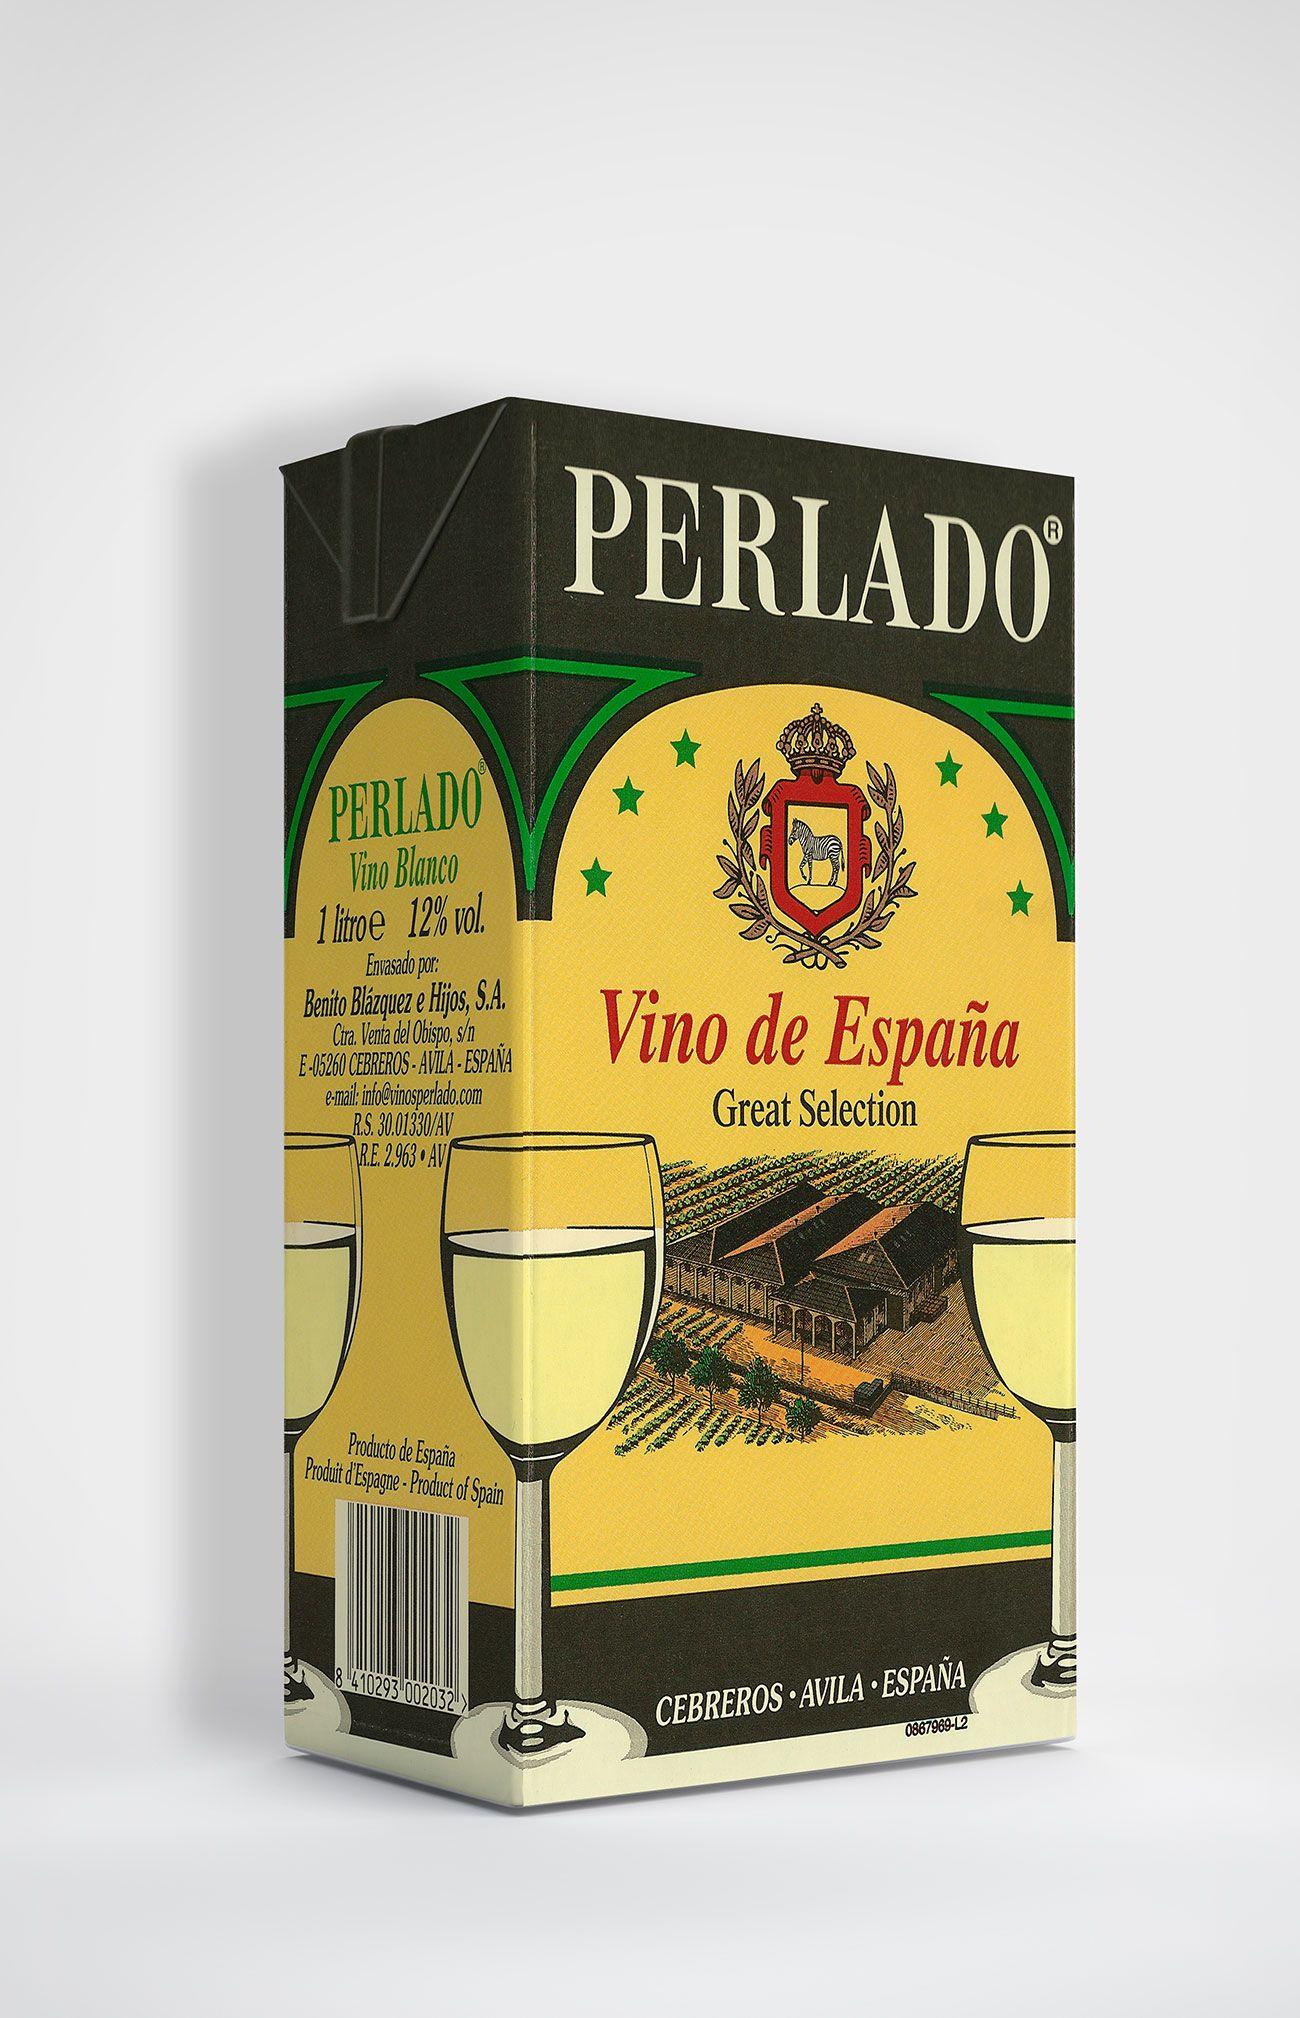 Benito Blázquez-Botella de Vino Perlado Blanco en Brik